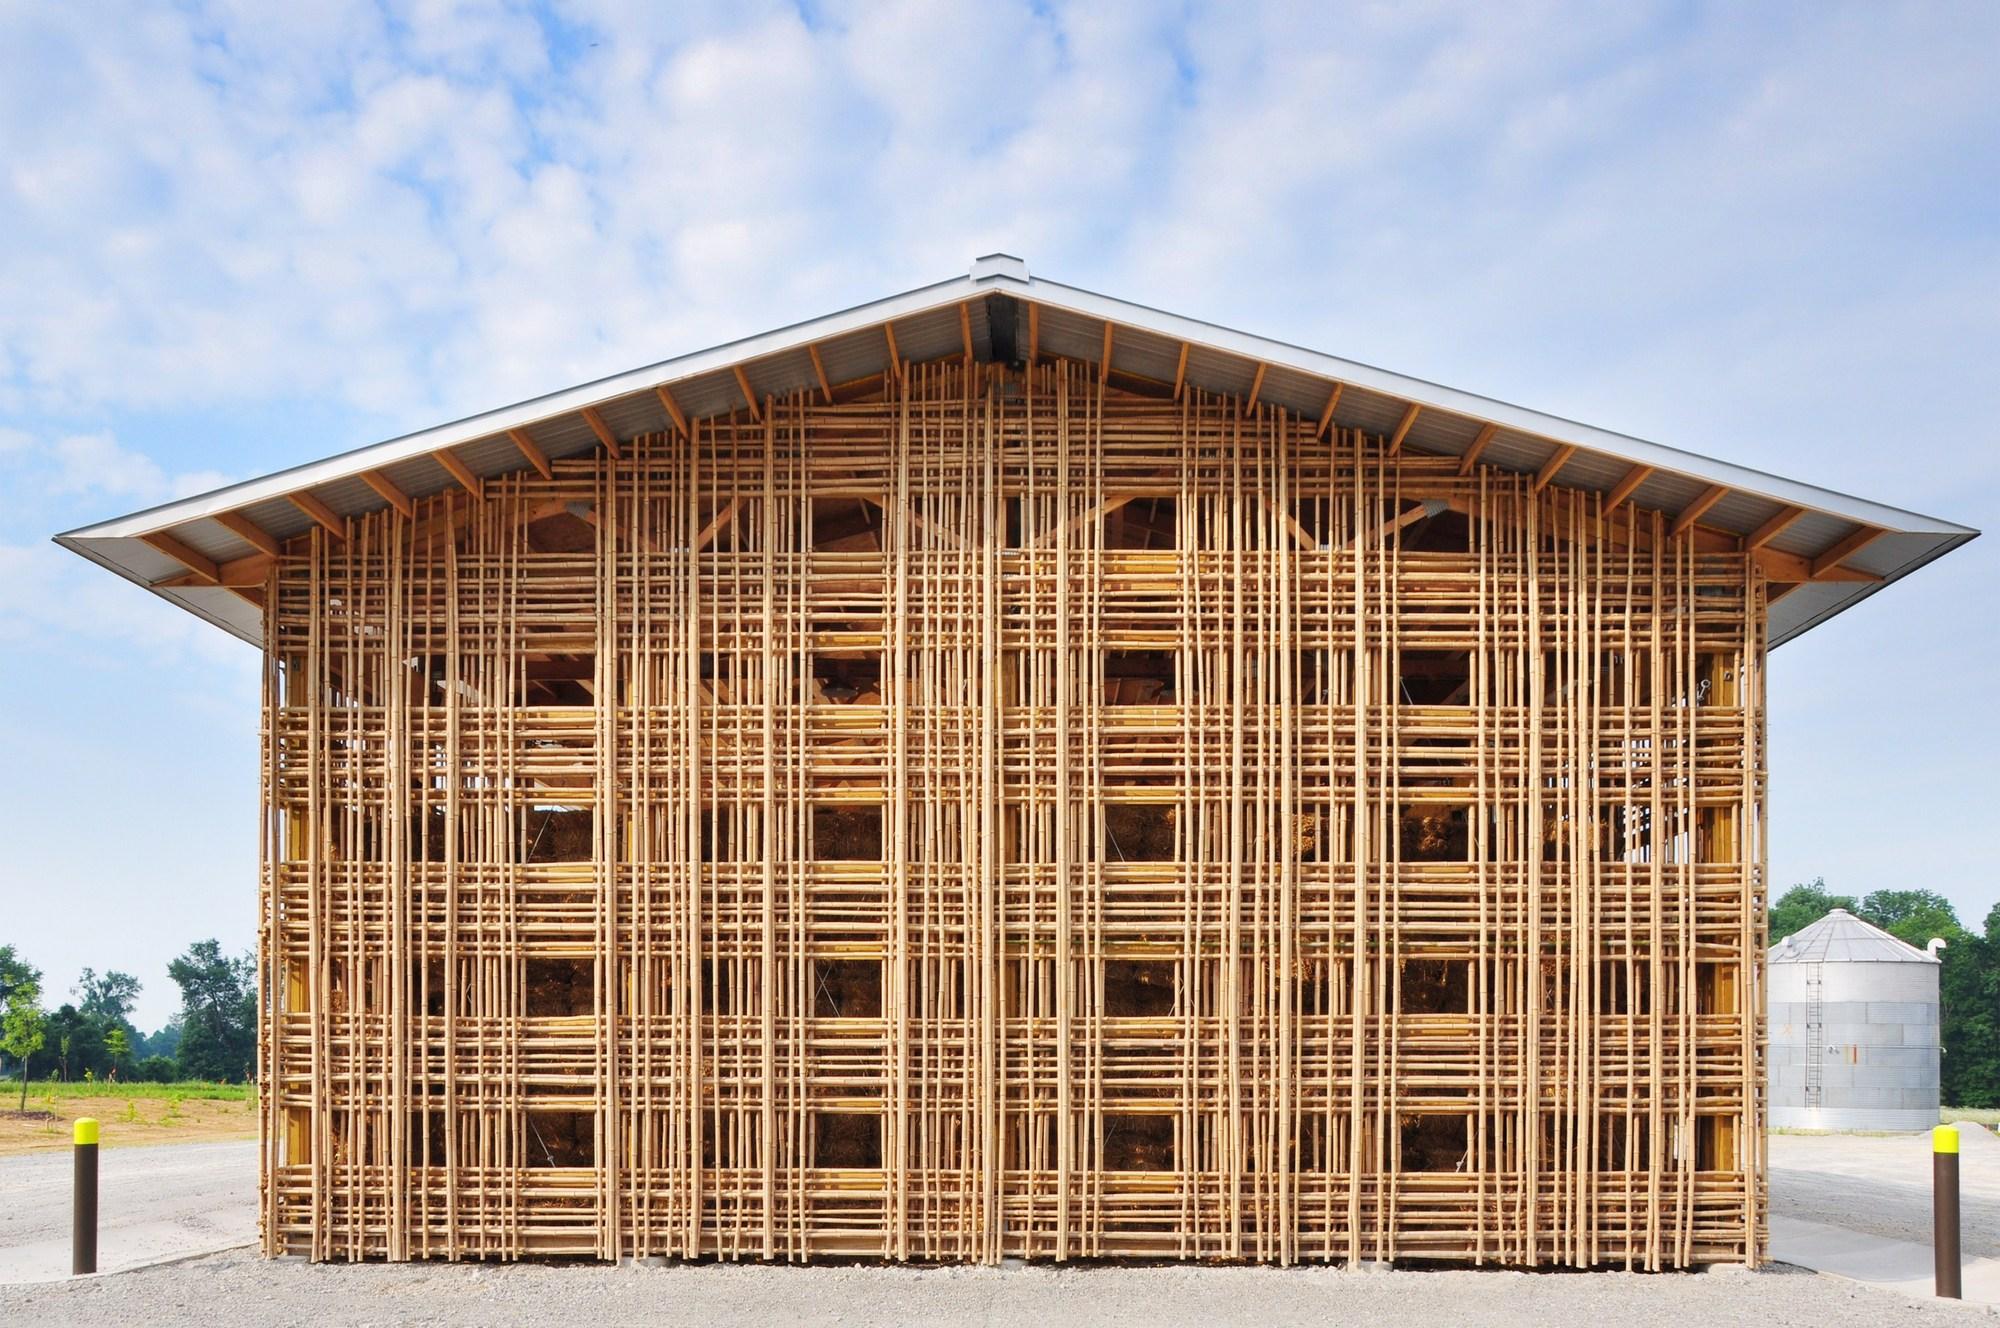 D Virtual Exhibition Software : Mason lane farm de leon primmer architecture workshop